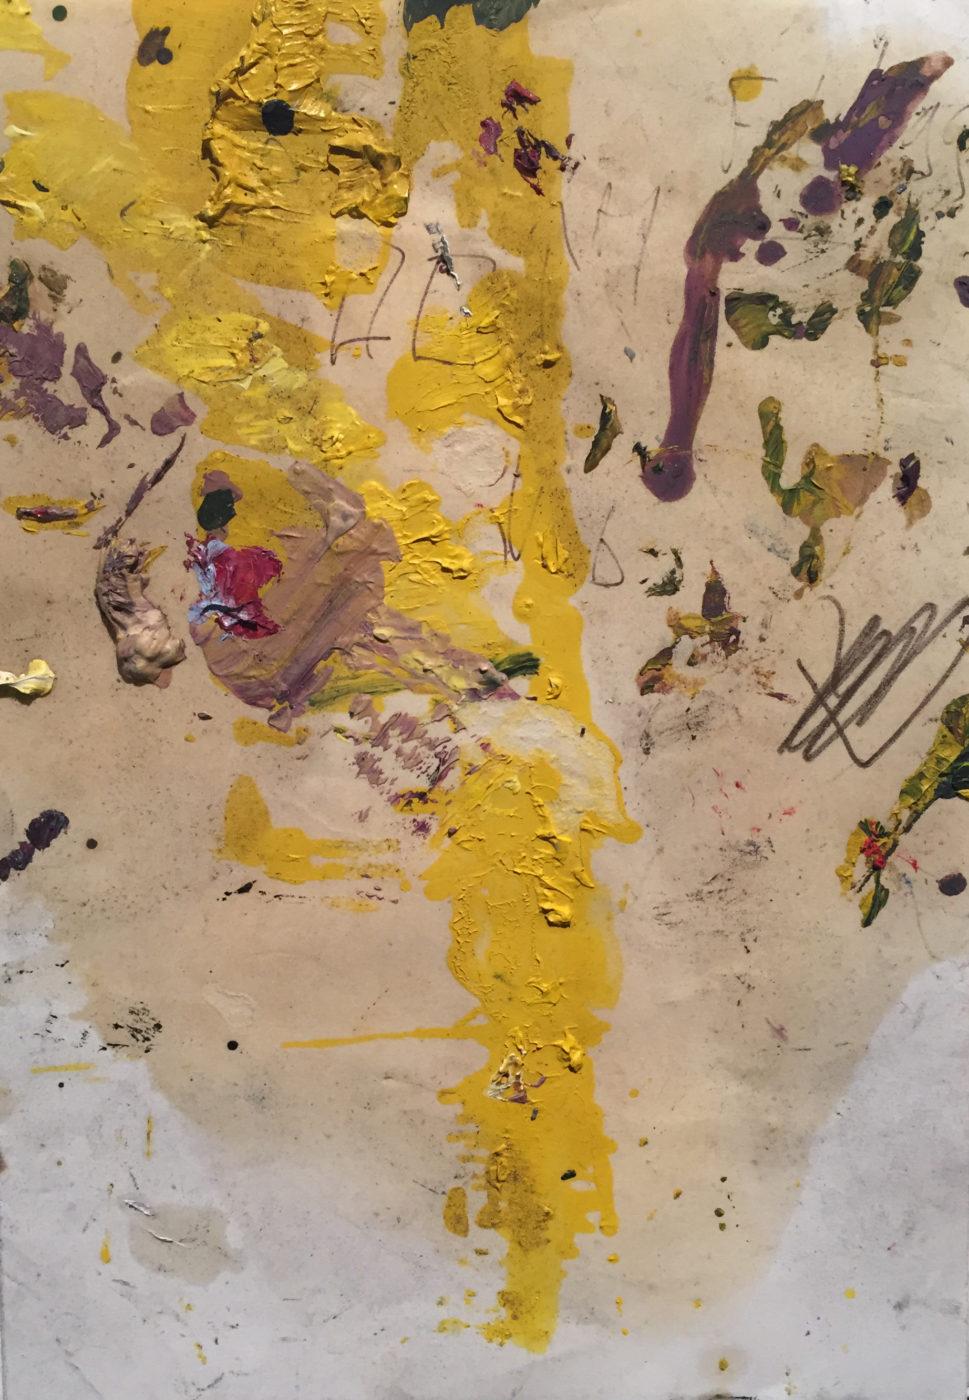 MARC FELD 2014 CHANSONNETTE GOUACHE HUILE ET MINE DE PLOMB SUR PAPIER 21x15 cm